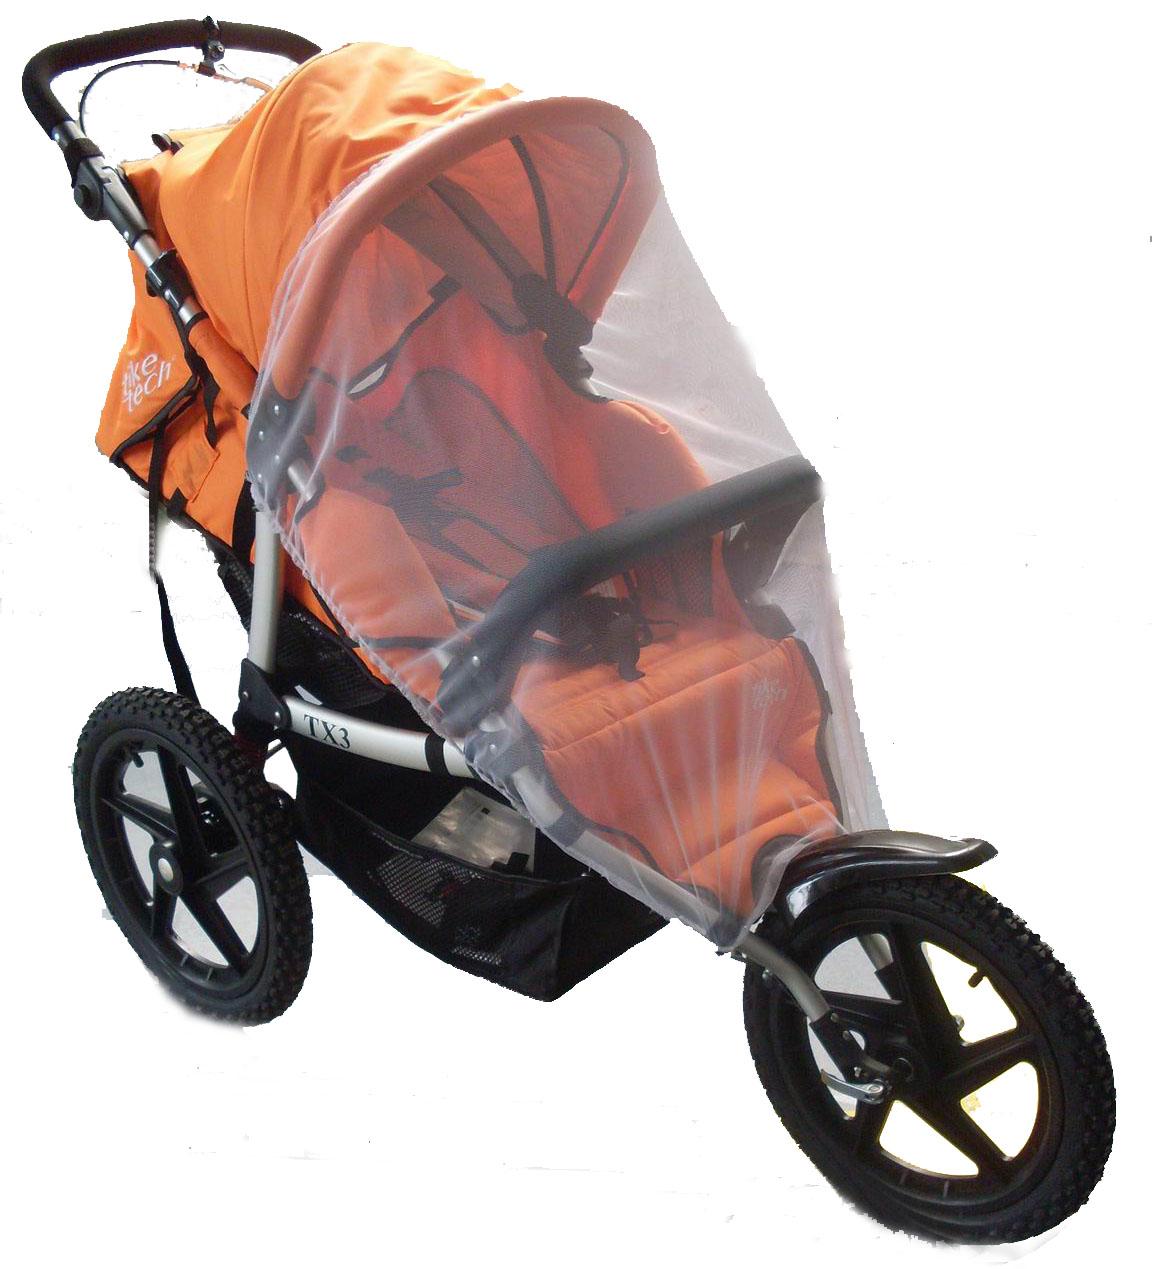 achetez en gros poussette grande roue en ligne des grossistes poussette grande roue chinois. Black Bedroom Furniture Sets. Home Design Ideas